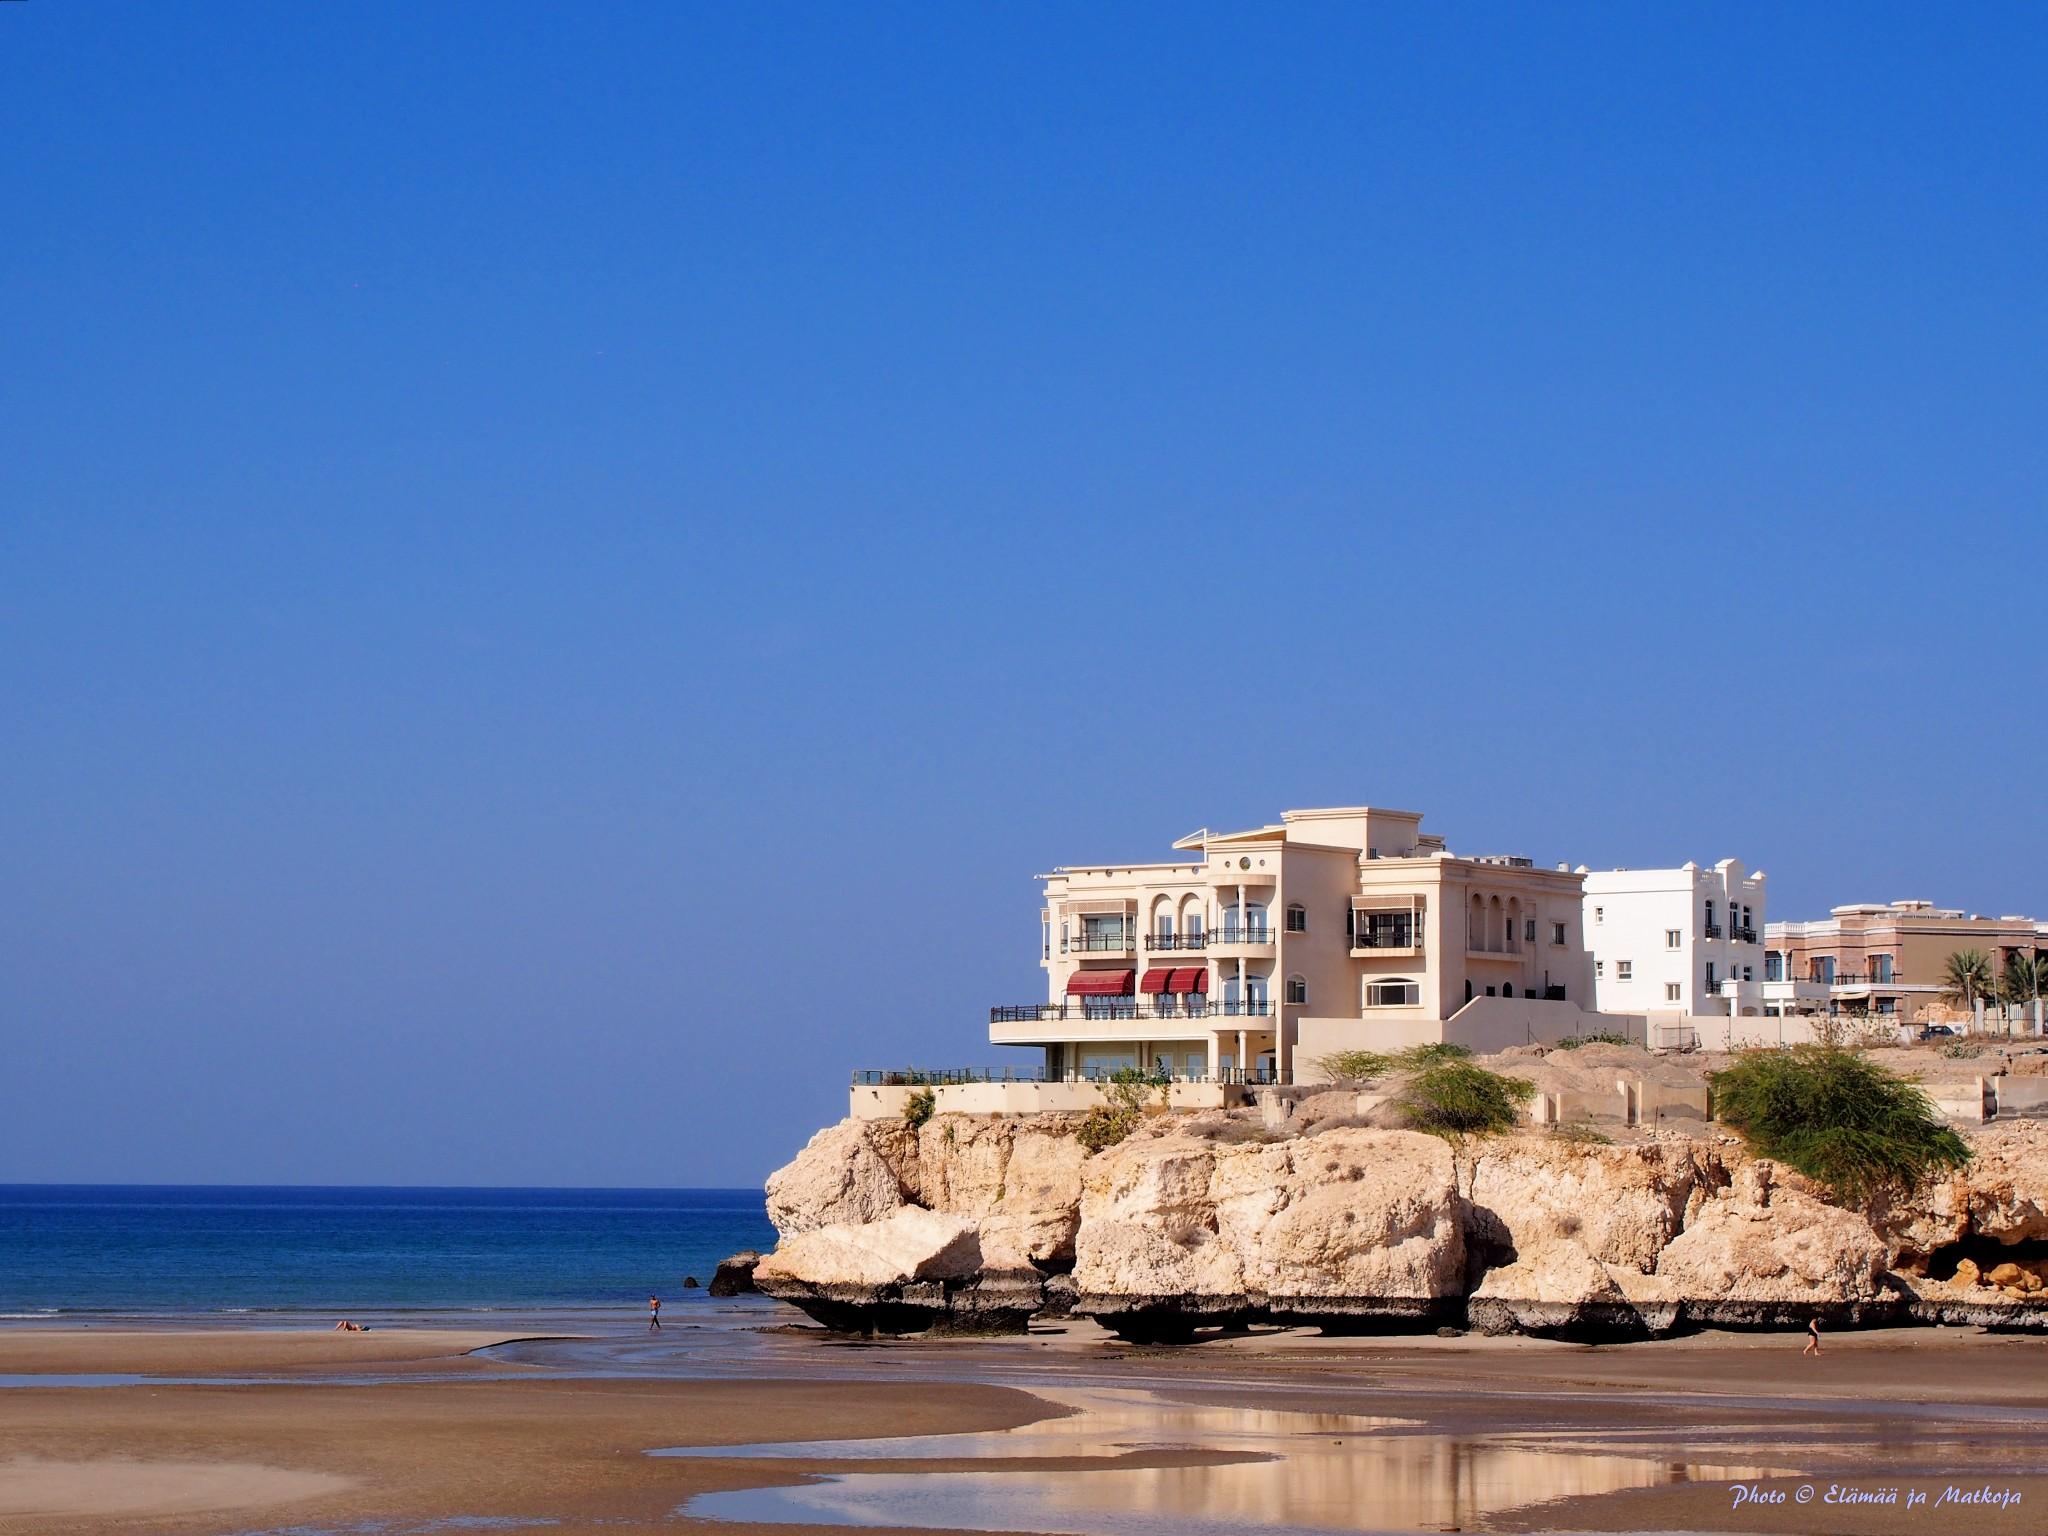 Oman AlQurm Beach Photo Elämää ja Matkoja matkablogi